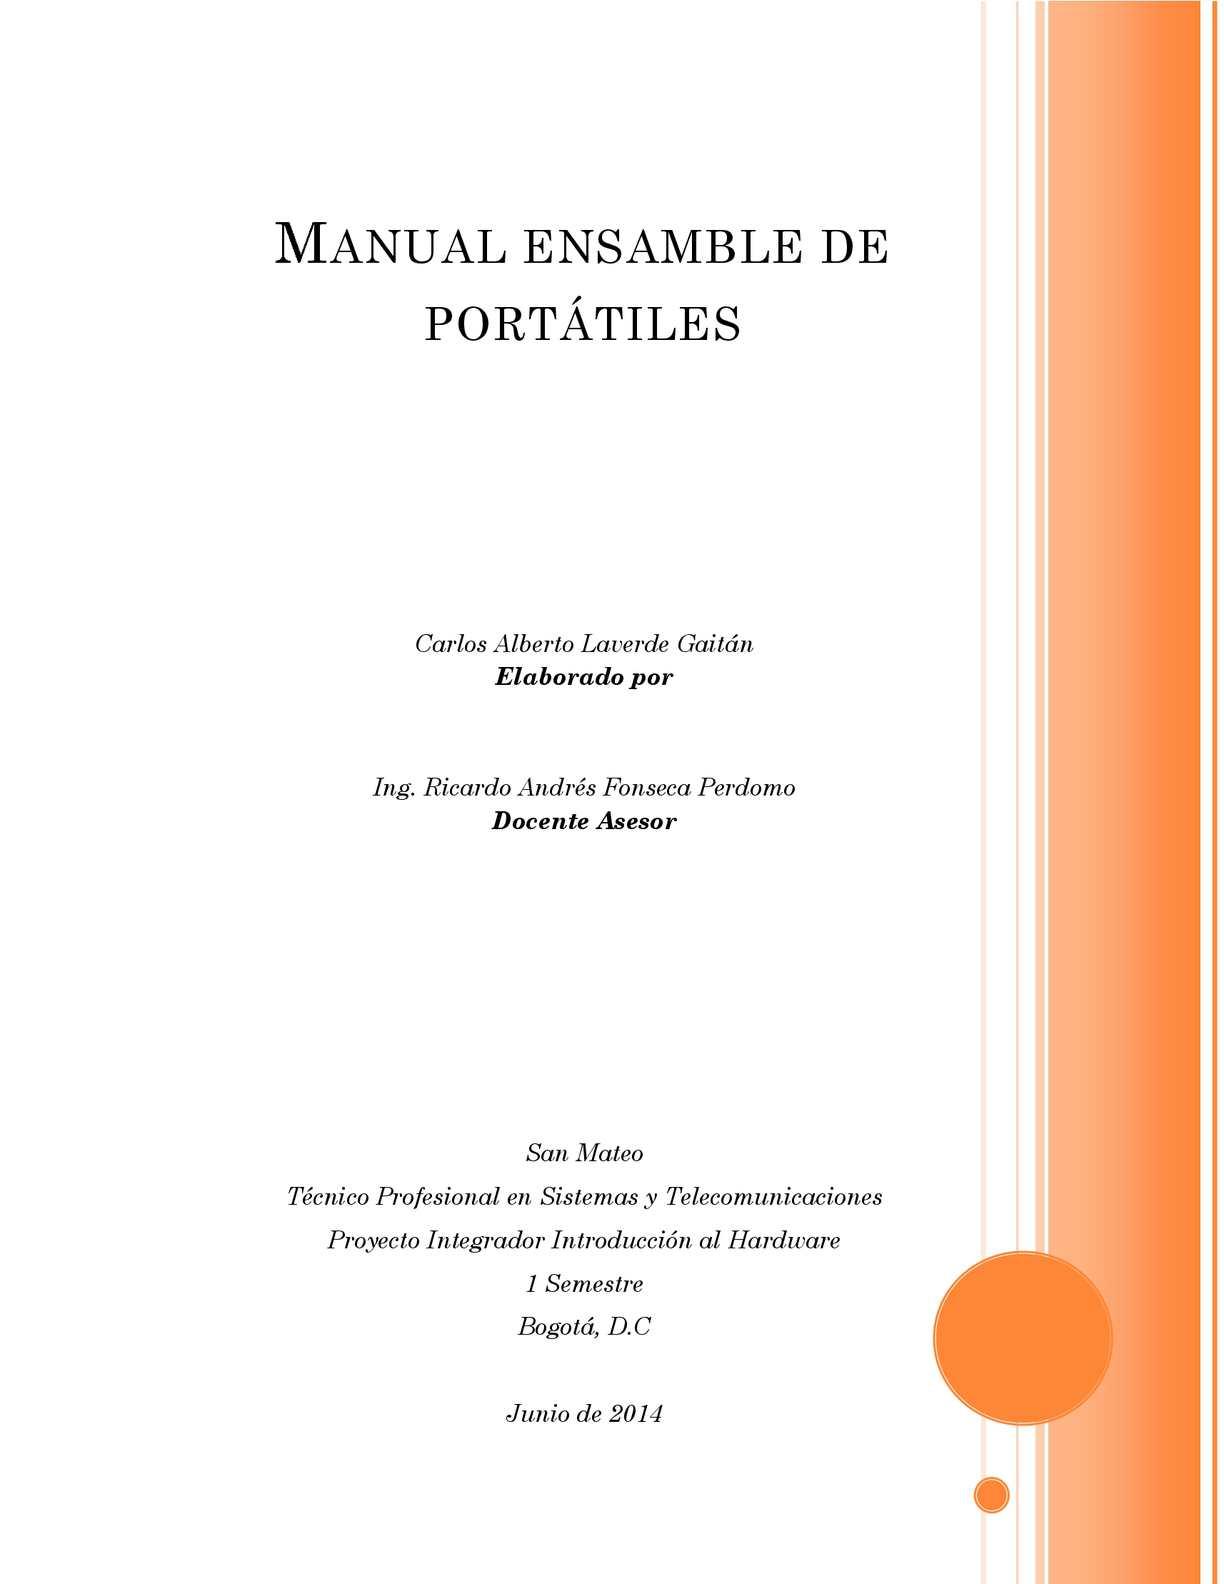 manual de ensamble de portatiles